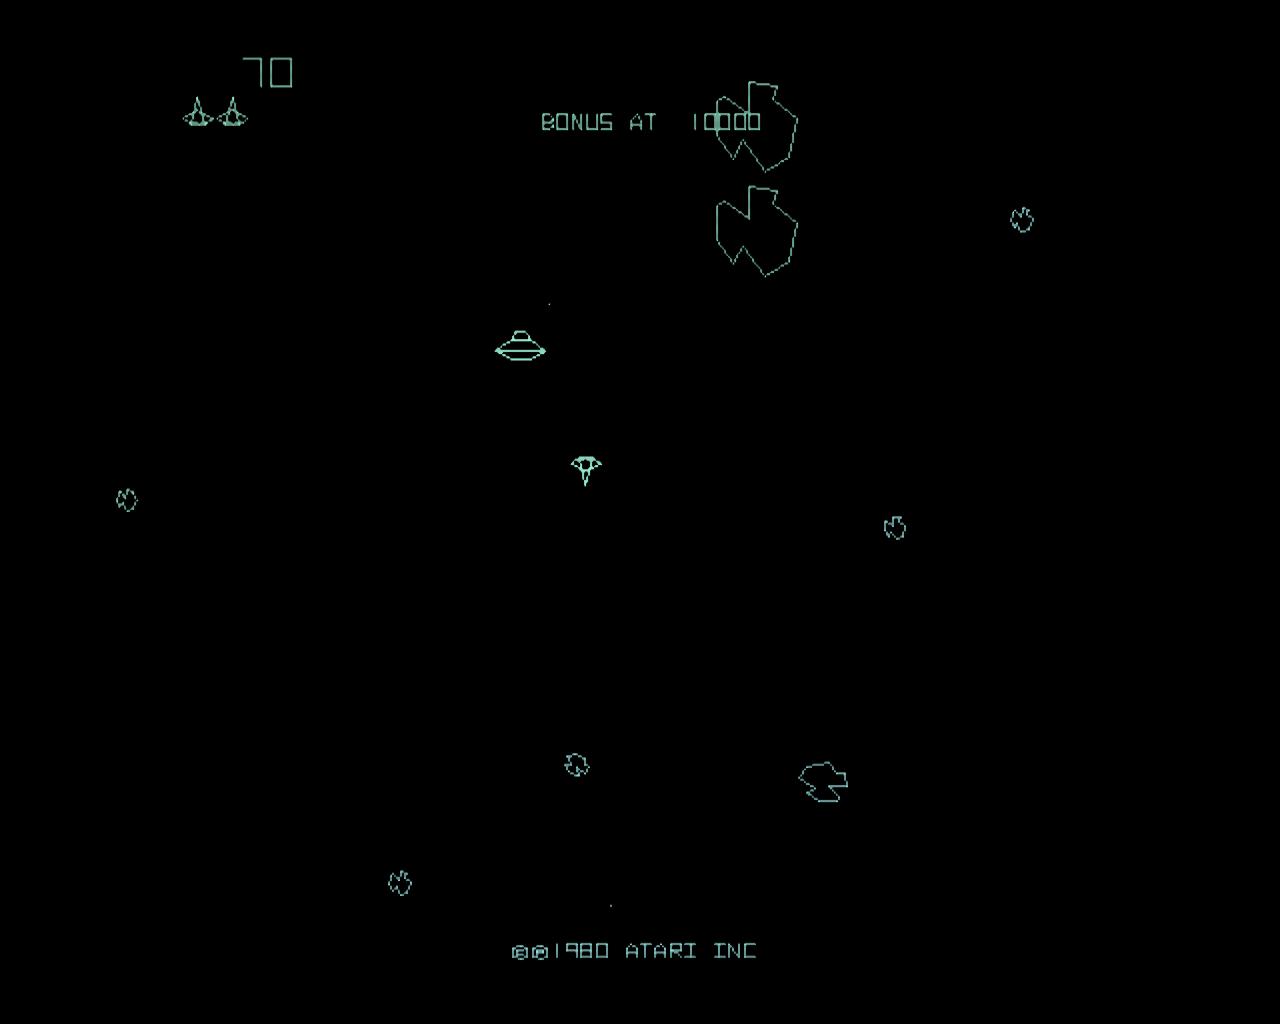 0_1497067949451_lr-mame-astdelux.png - Atari Games Black Vector PNG